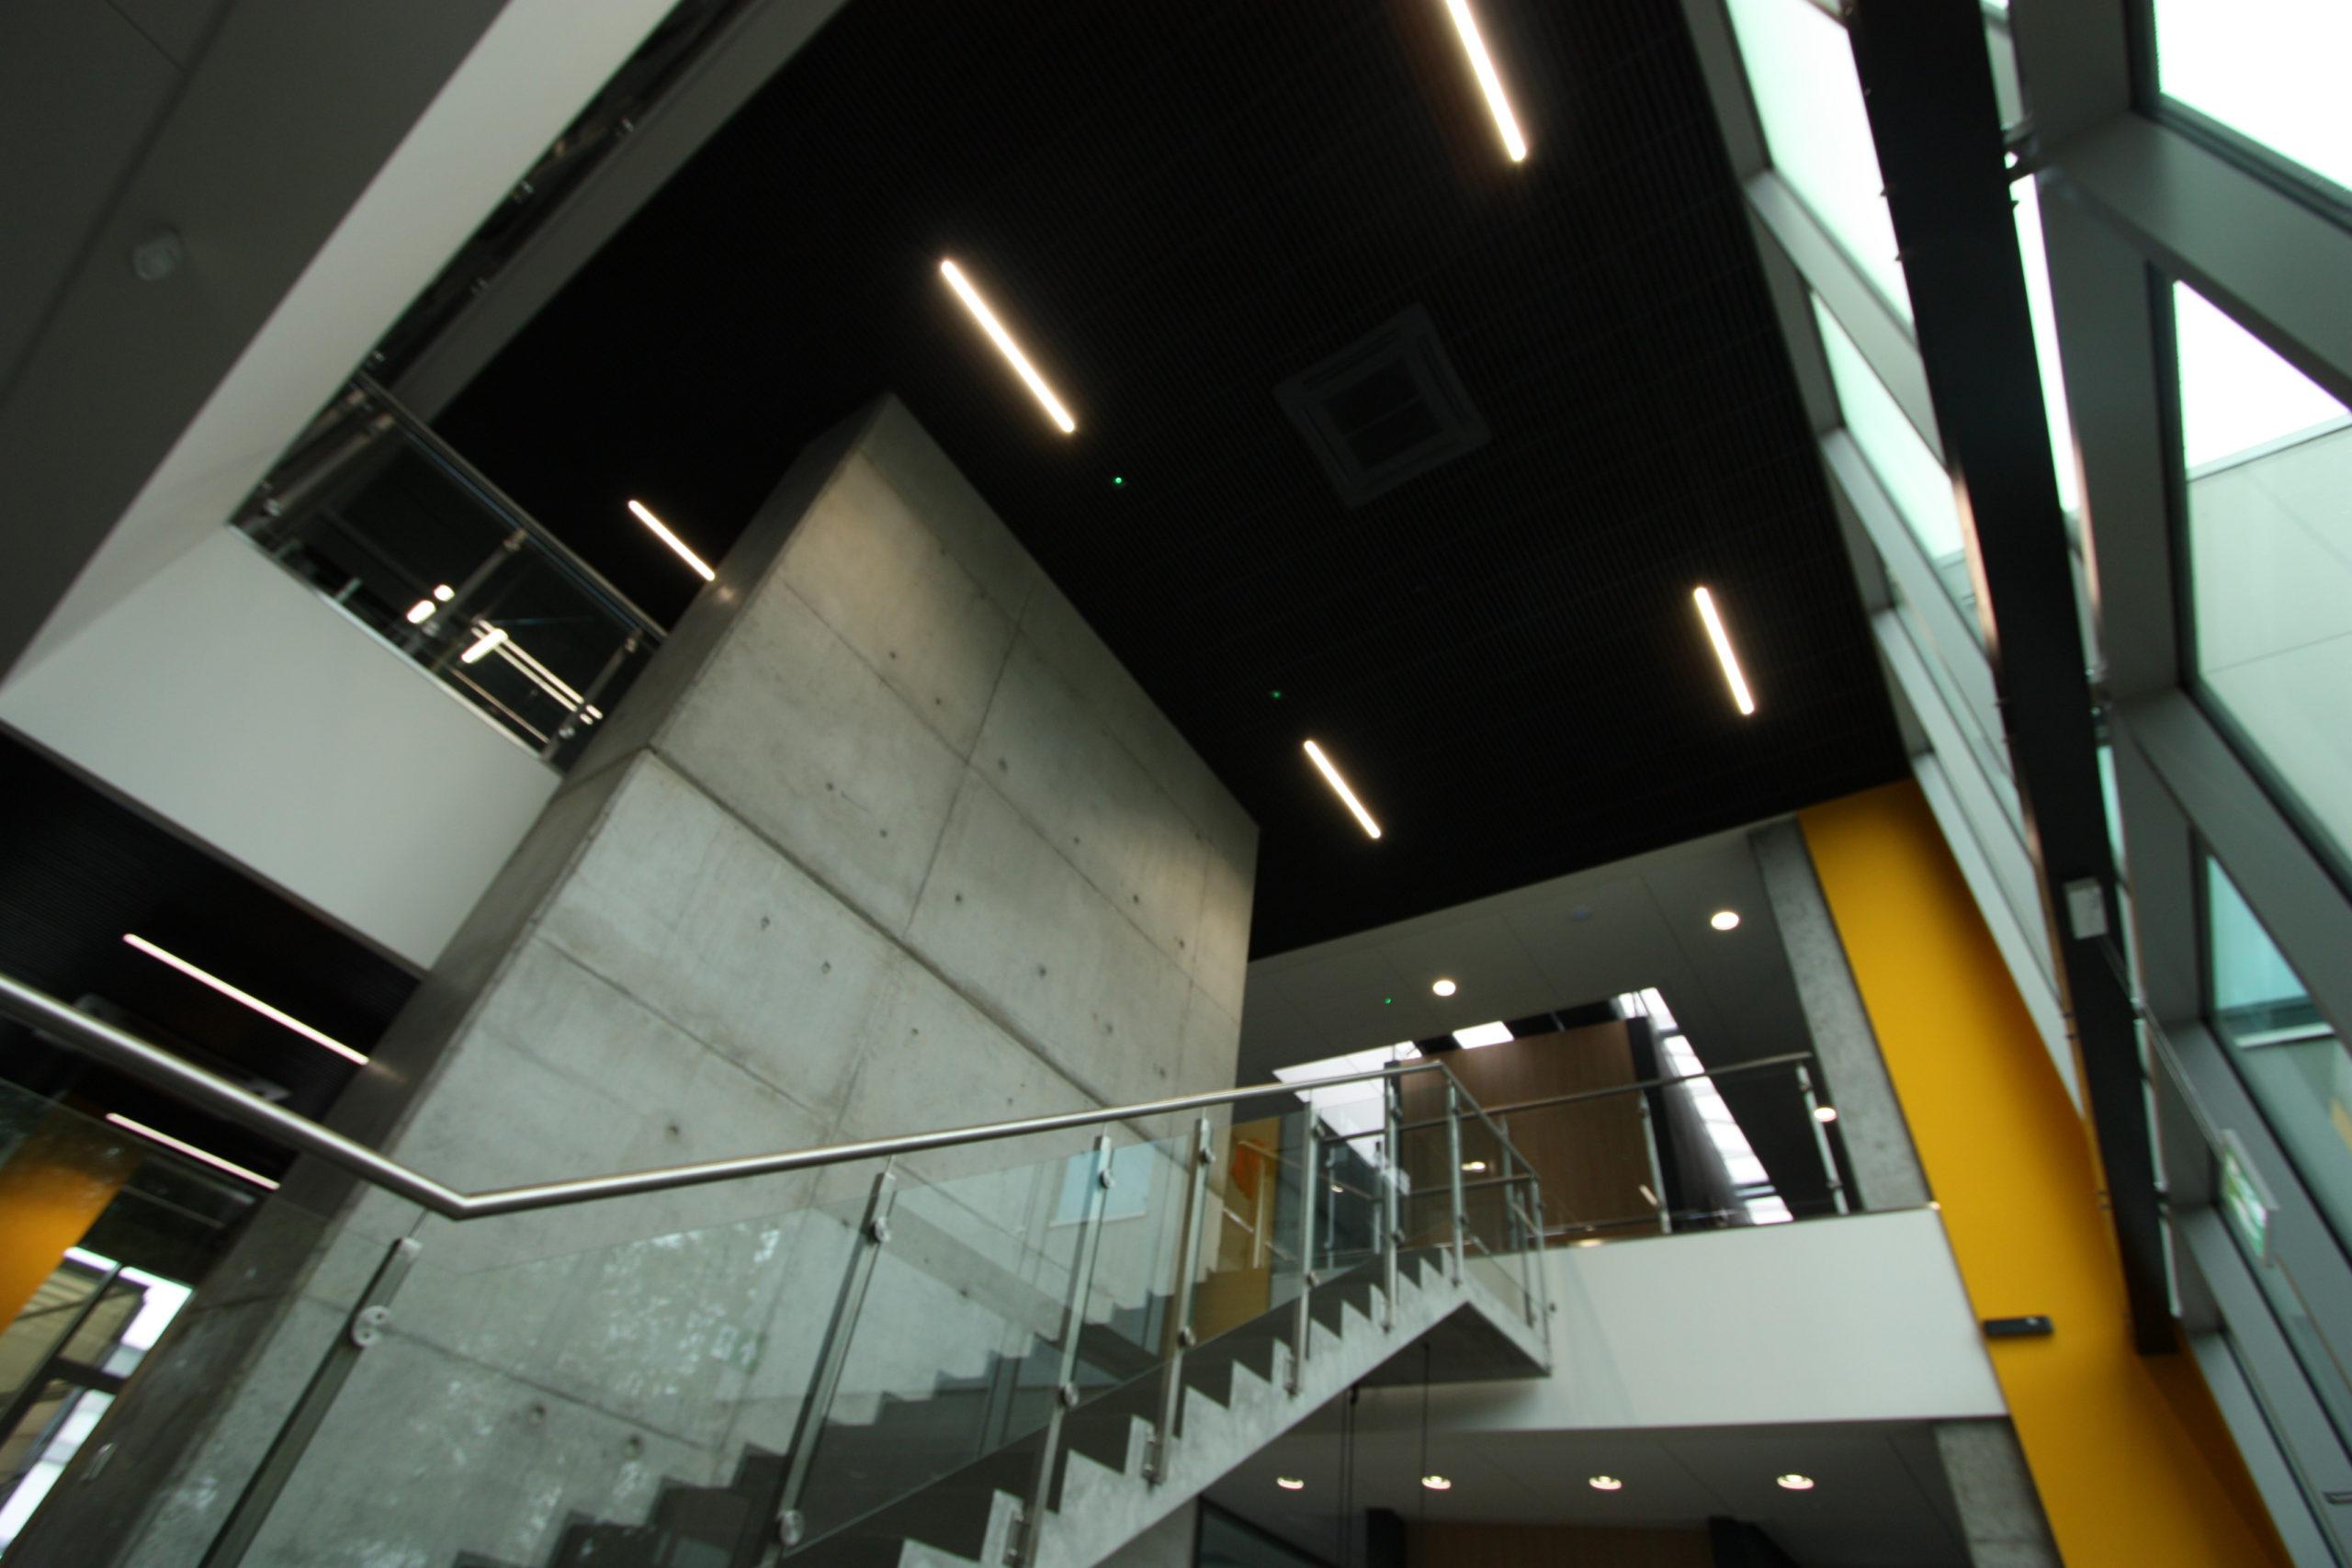 bergerat monnoyeur, budynek biurowo-serwisowy, wnetrze, caterpillar, schody, dekontrktywizm w polsce